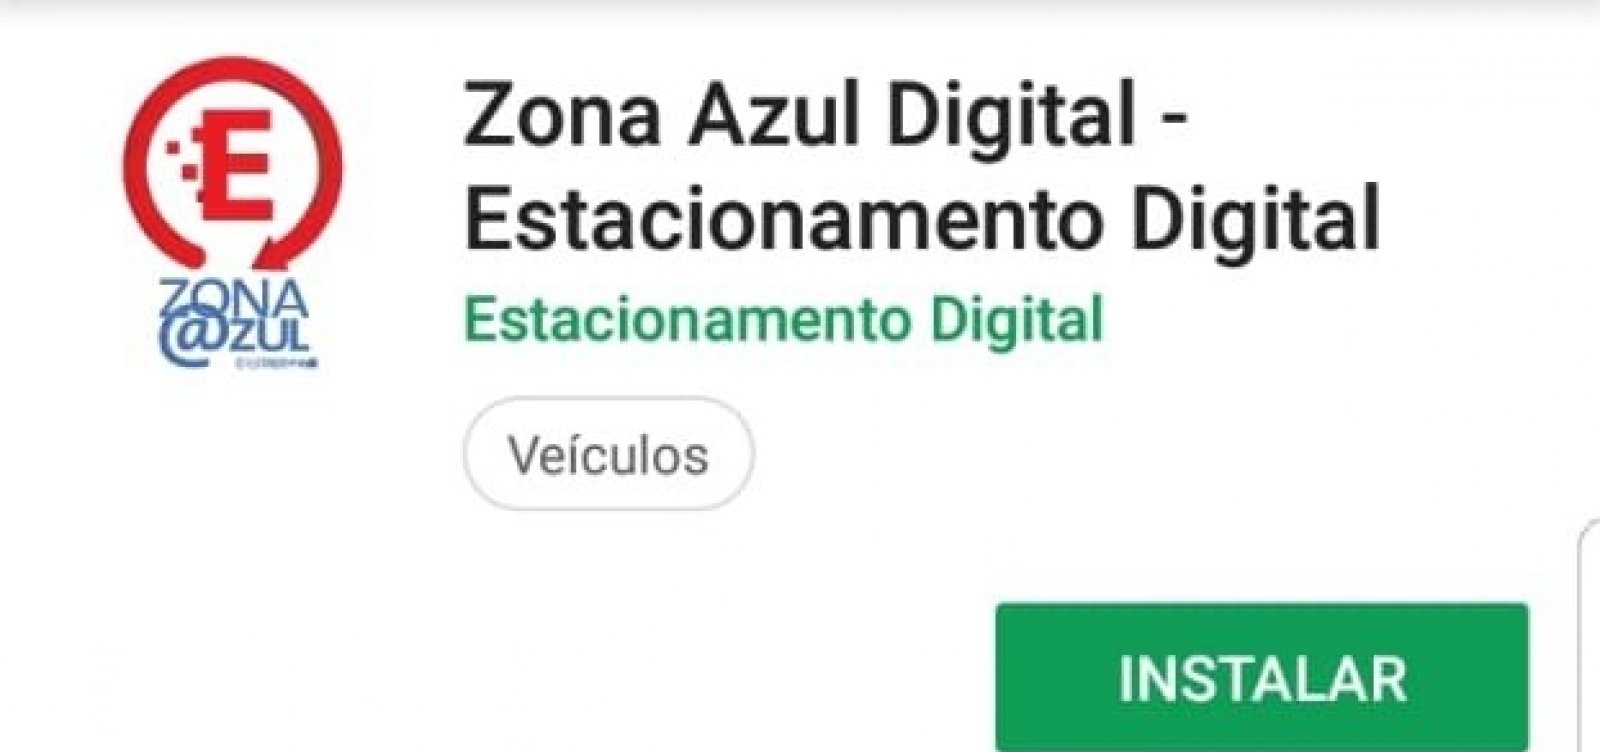 [Zona Azul digital: mais empresas devem ser credenciadas, avisa Müller]